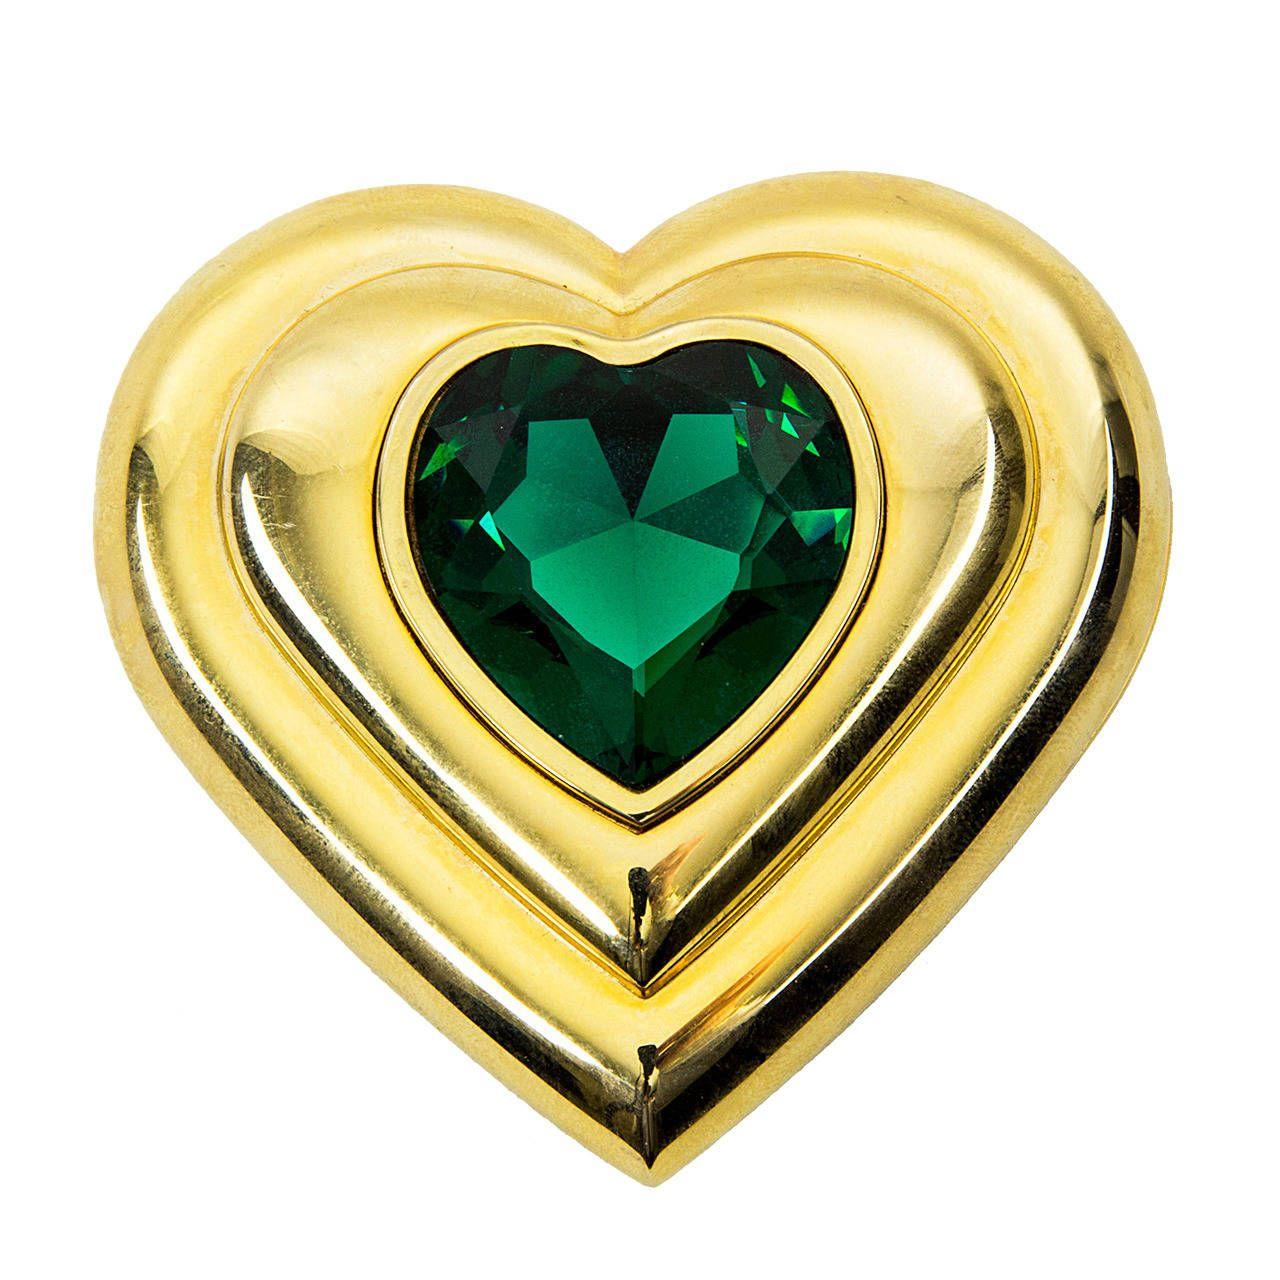 Saint Laurent Paris Poudre Ecrin Crystal Heart Jeweled Compact Ysl SMVrkqrIA